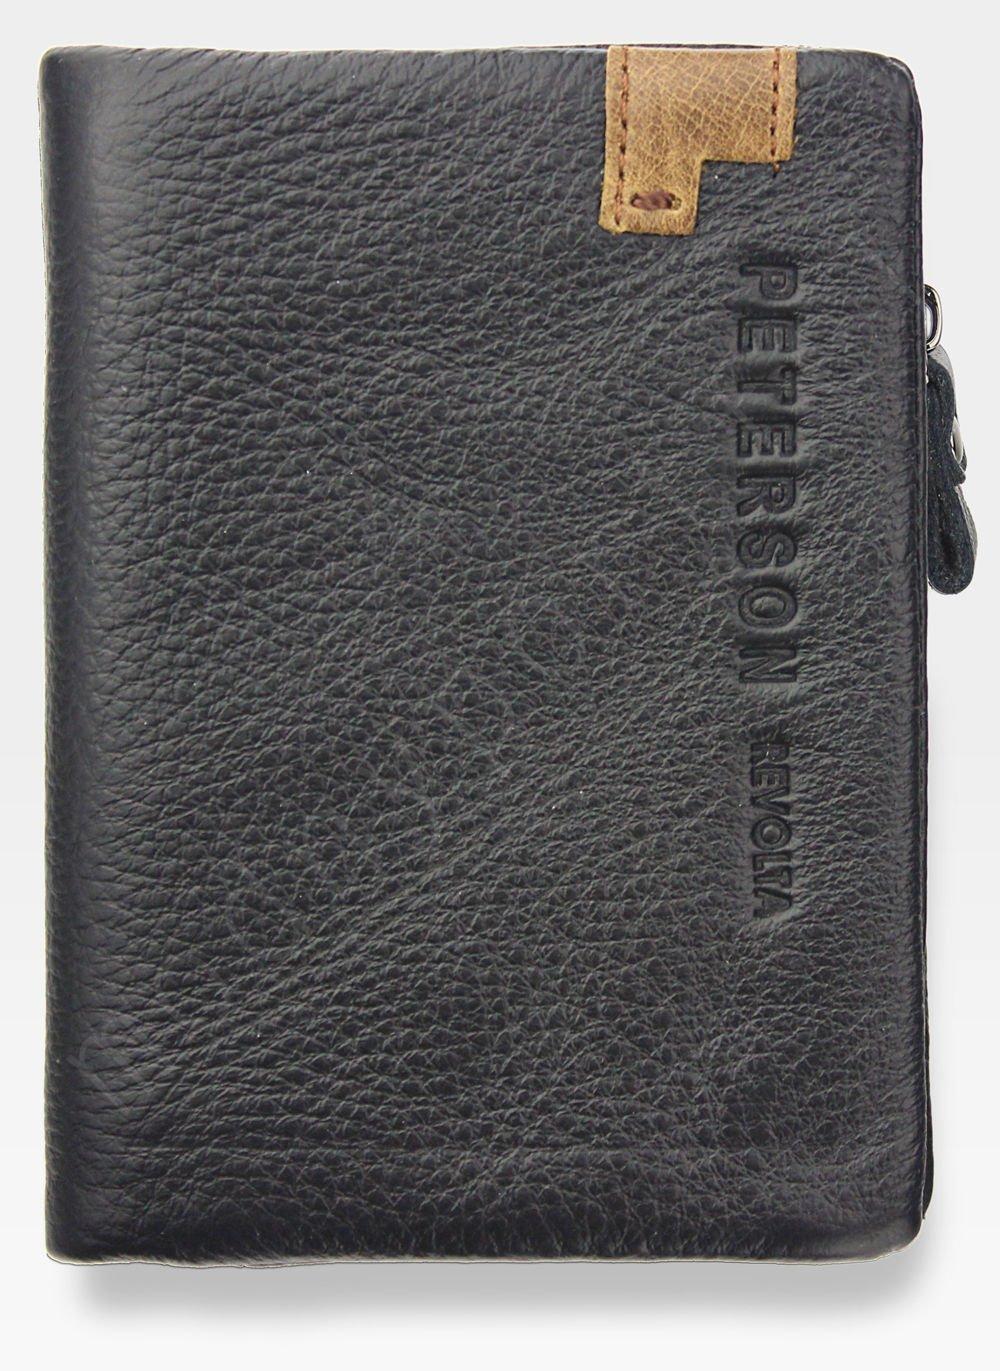 86278f8599152 Portfel Męski Peterson Skórzany Miękki Skóra Naturalna SD Card 8102 Czarny  Kliknij, aby powiększyć ...